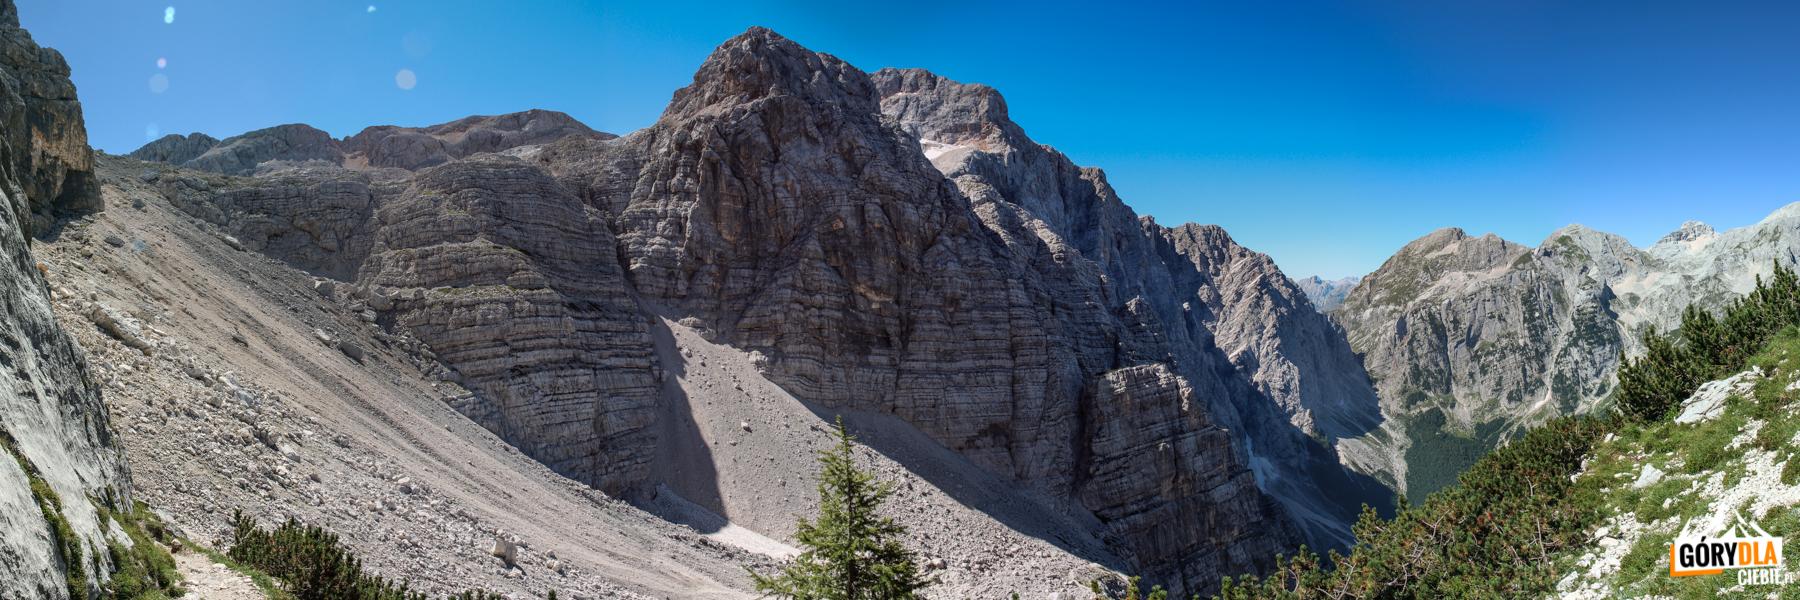 Koniec wspinaczki ferratą, wchodzimy na piargi pod Begunjski vrh (2461 m)